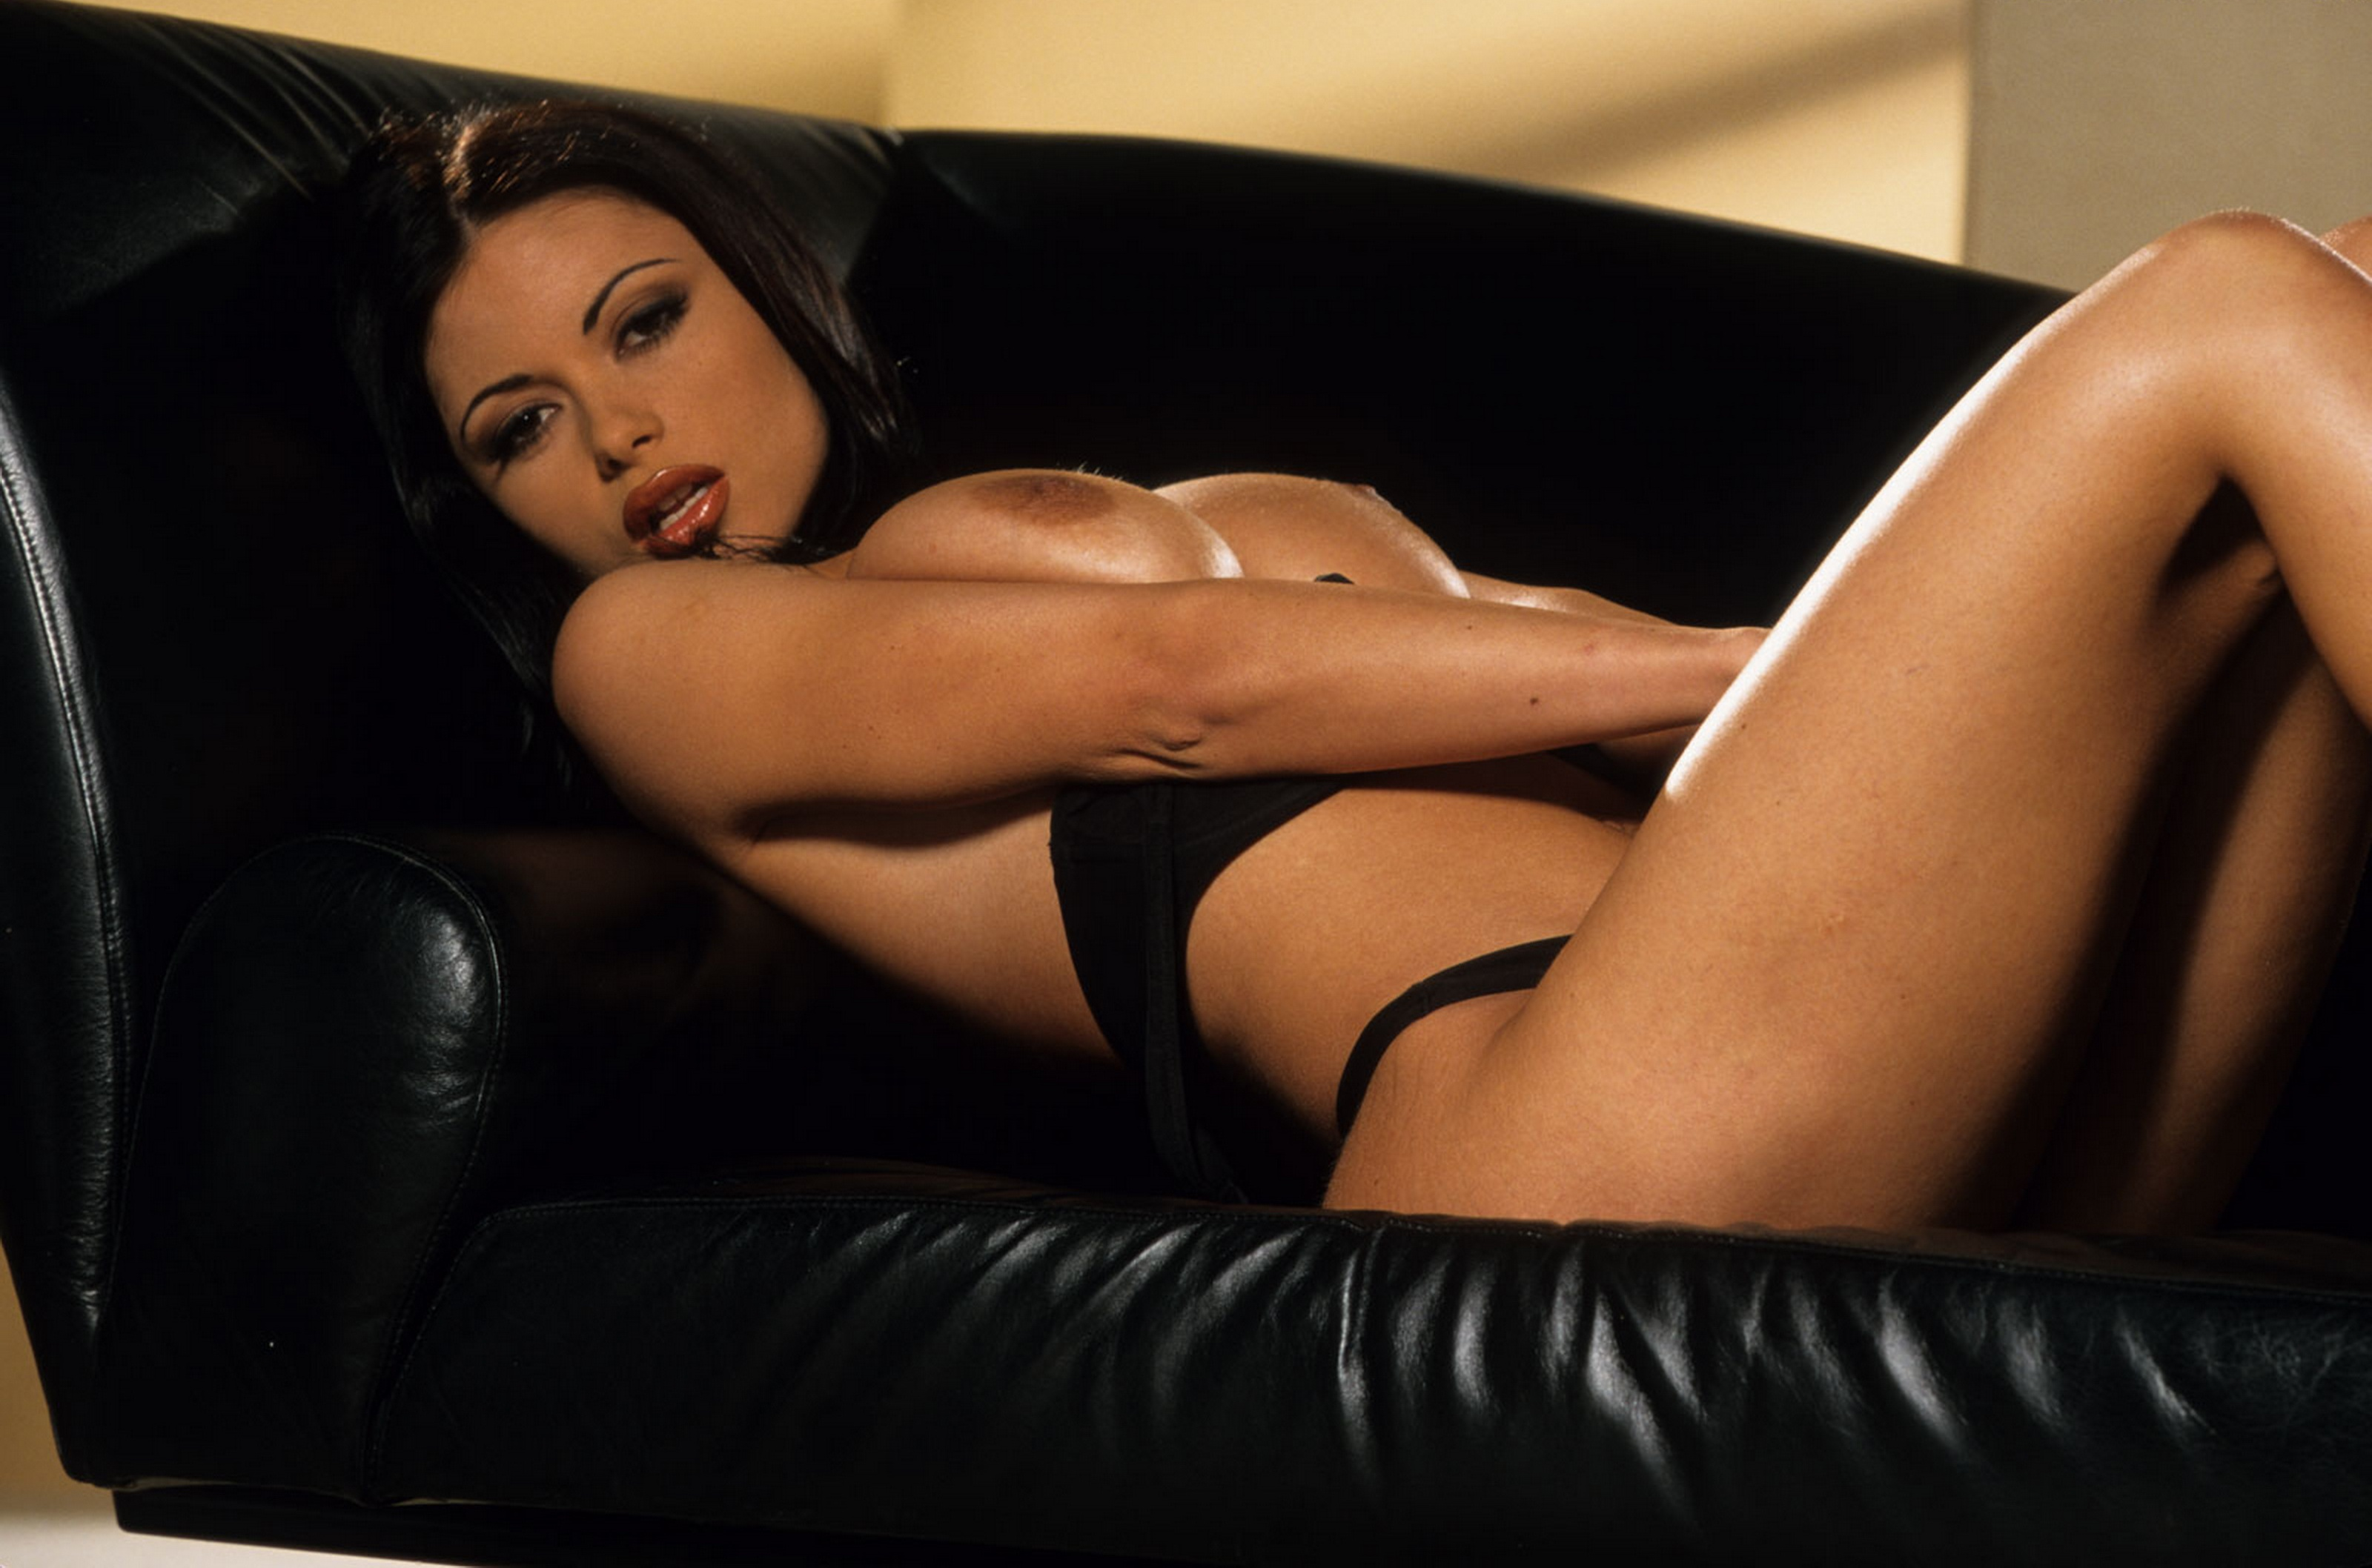 sognare uomini massagi sensuali